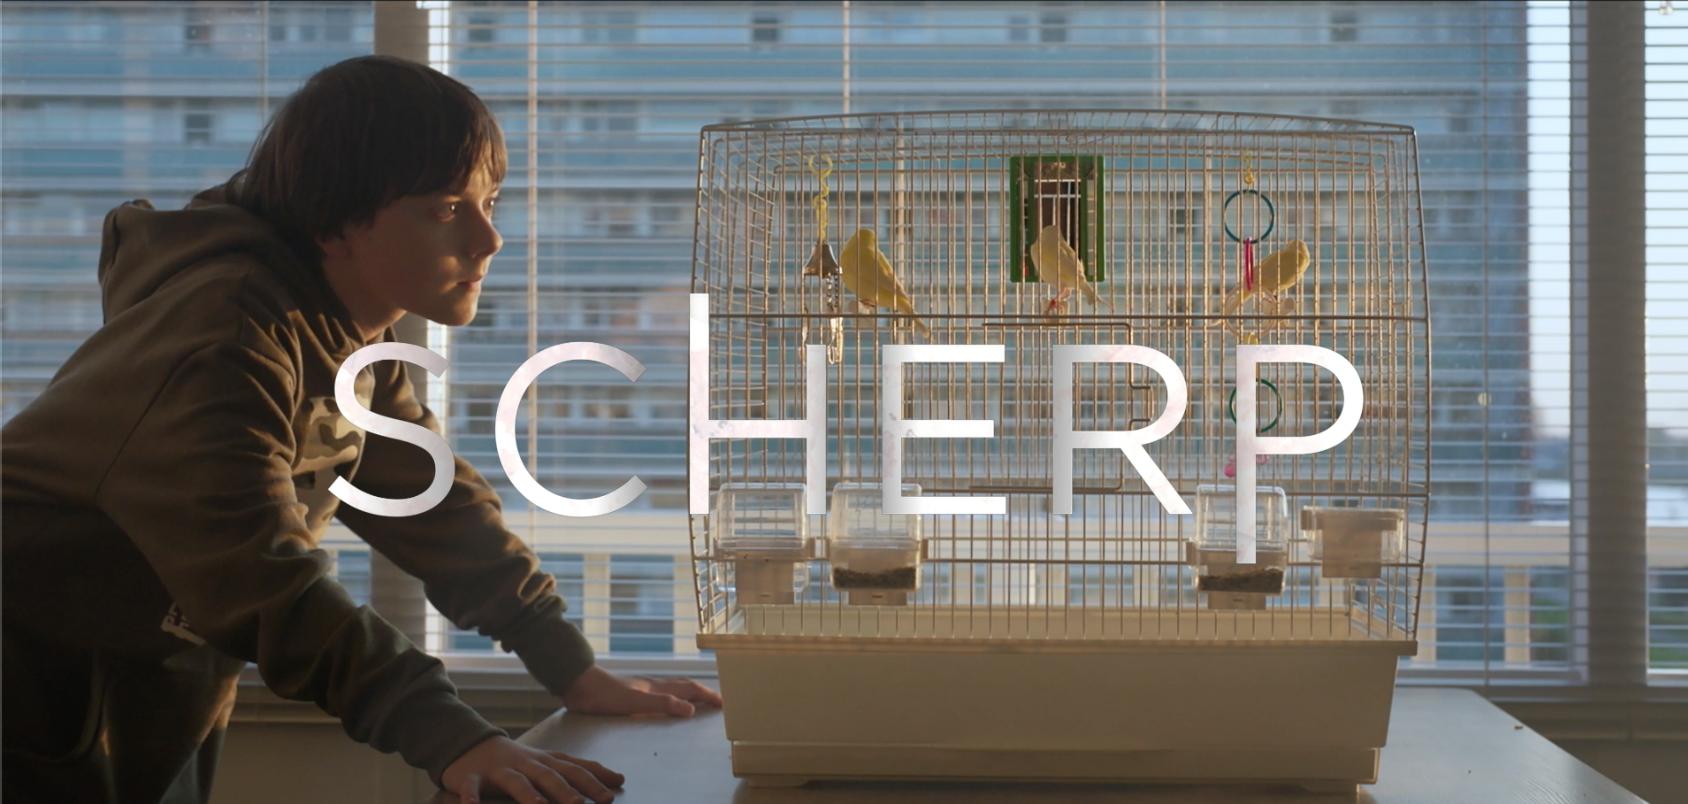 Scherp - trailer